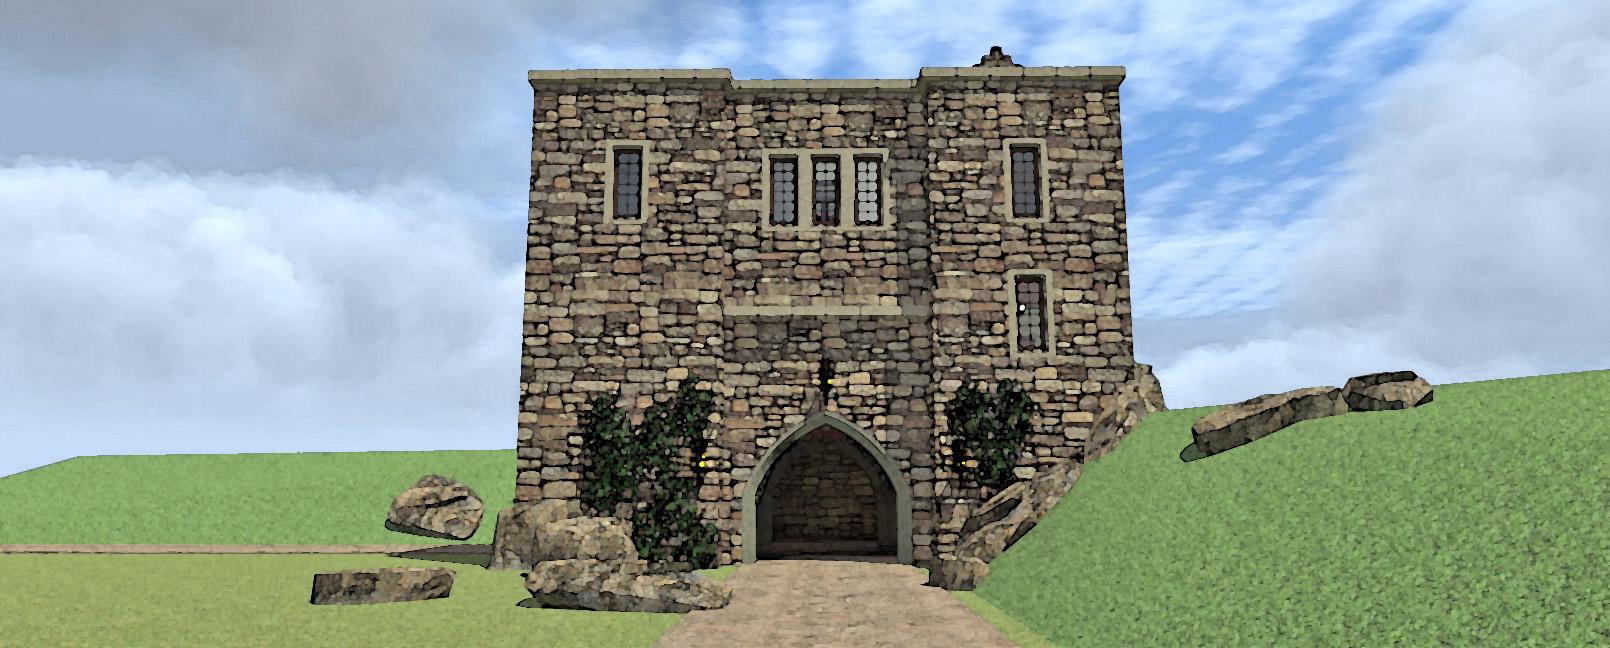 castle design house plans - house plans